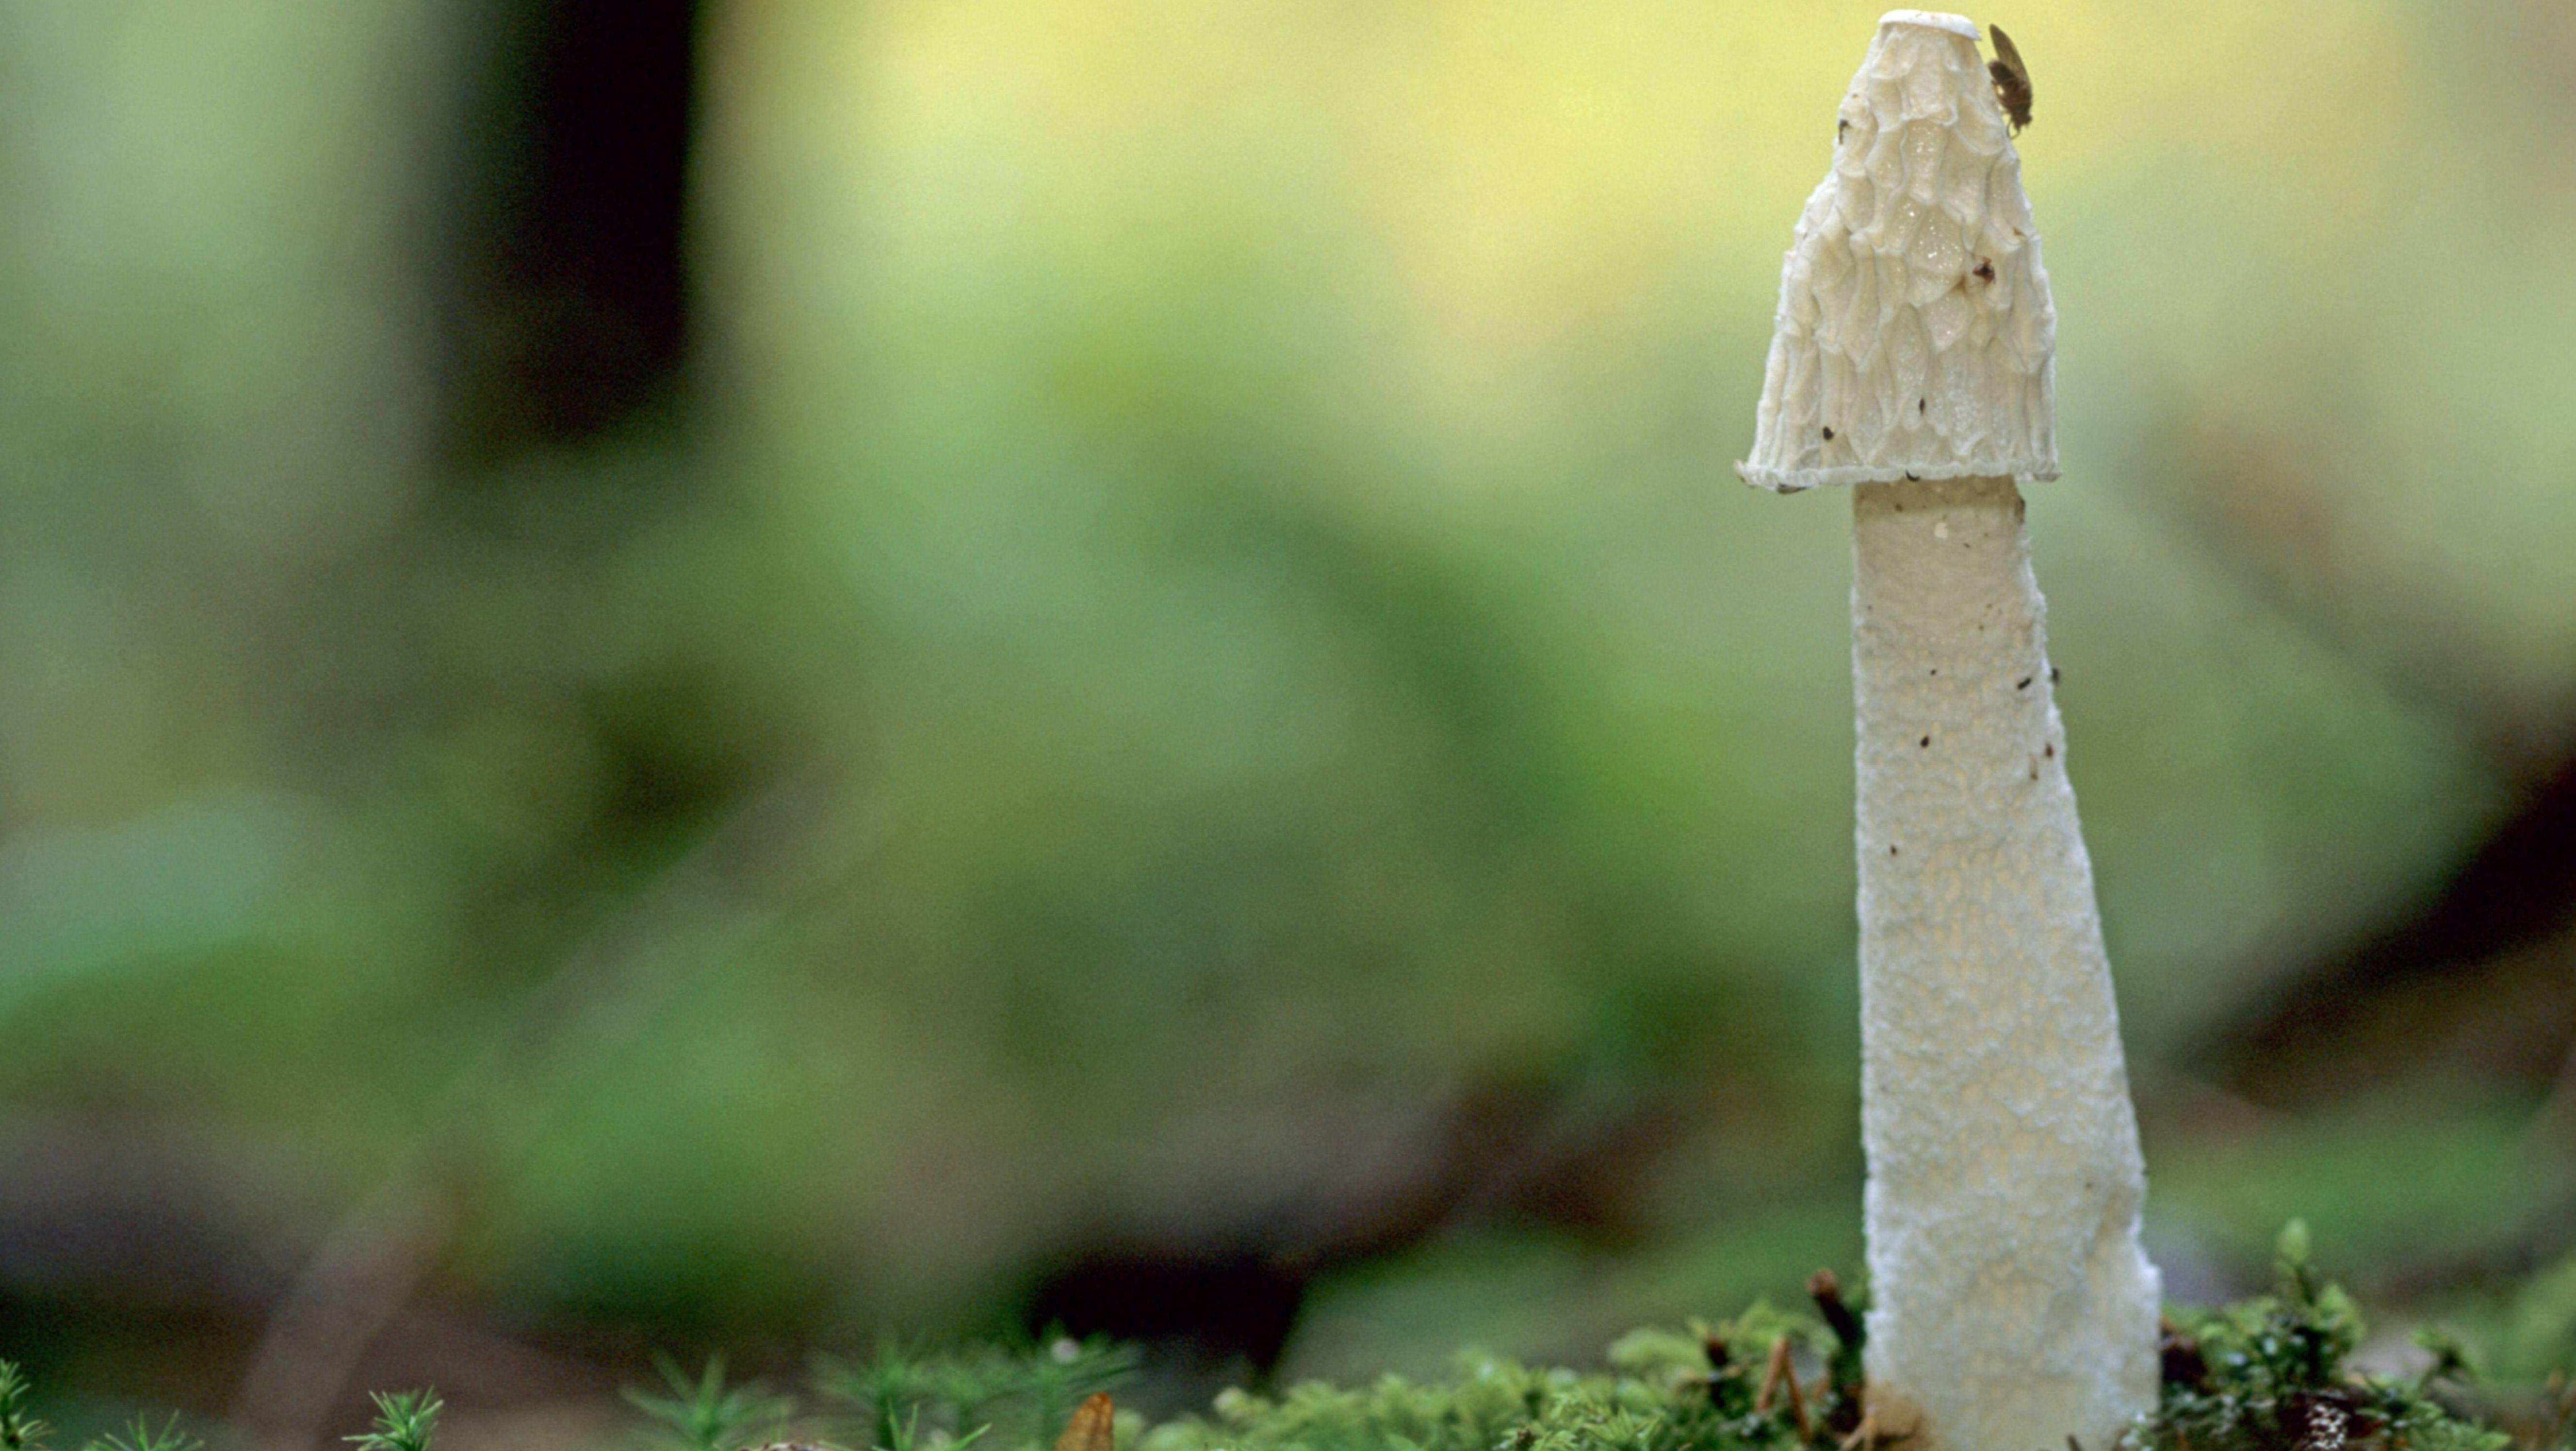 Stinkmorchel (Phallus impudicus), mit einer Fliege auf der Spitze des Hutes